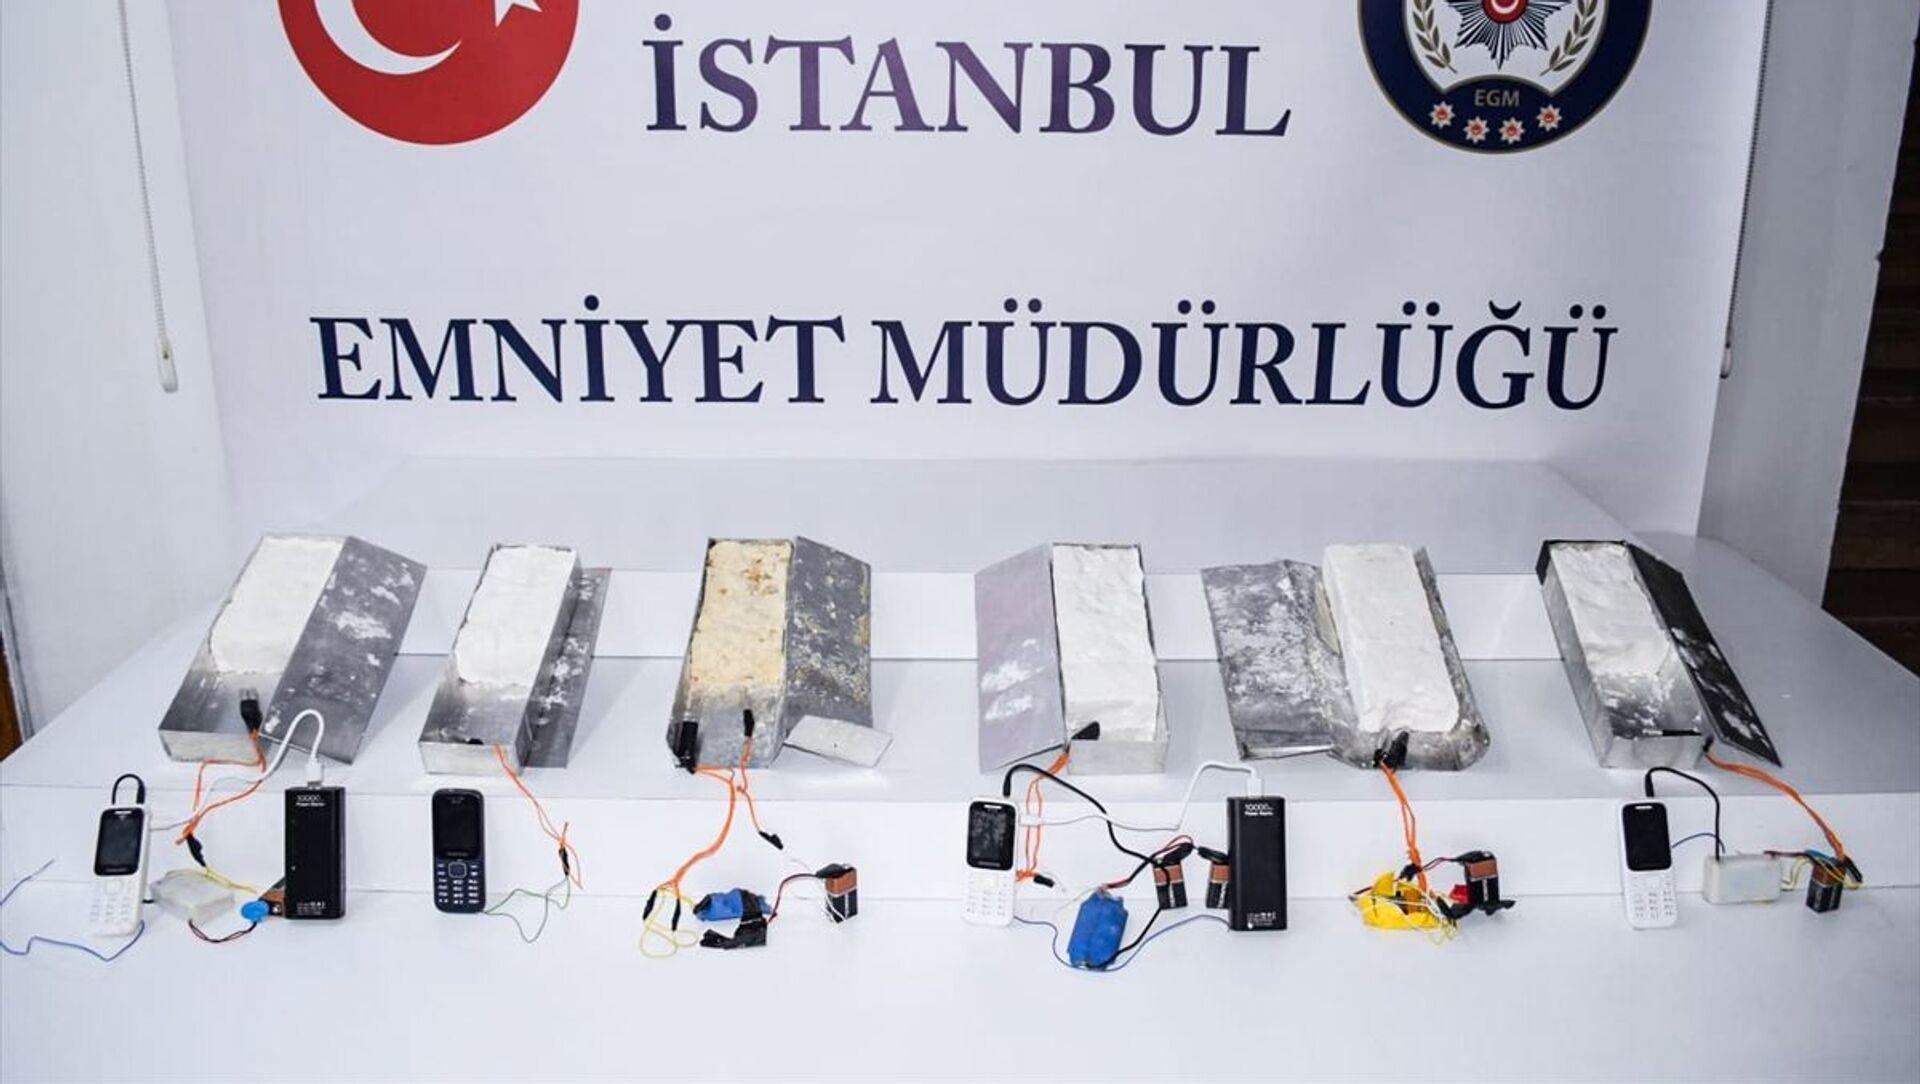 İstanbul 15 Temmuz Demokrasi Otogarı'nda 5 kilogram ağırlığında 6 patlayıcı madde ele geçirildi. - Sputnik Türkiye, 1920, 02.05.2021